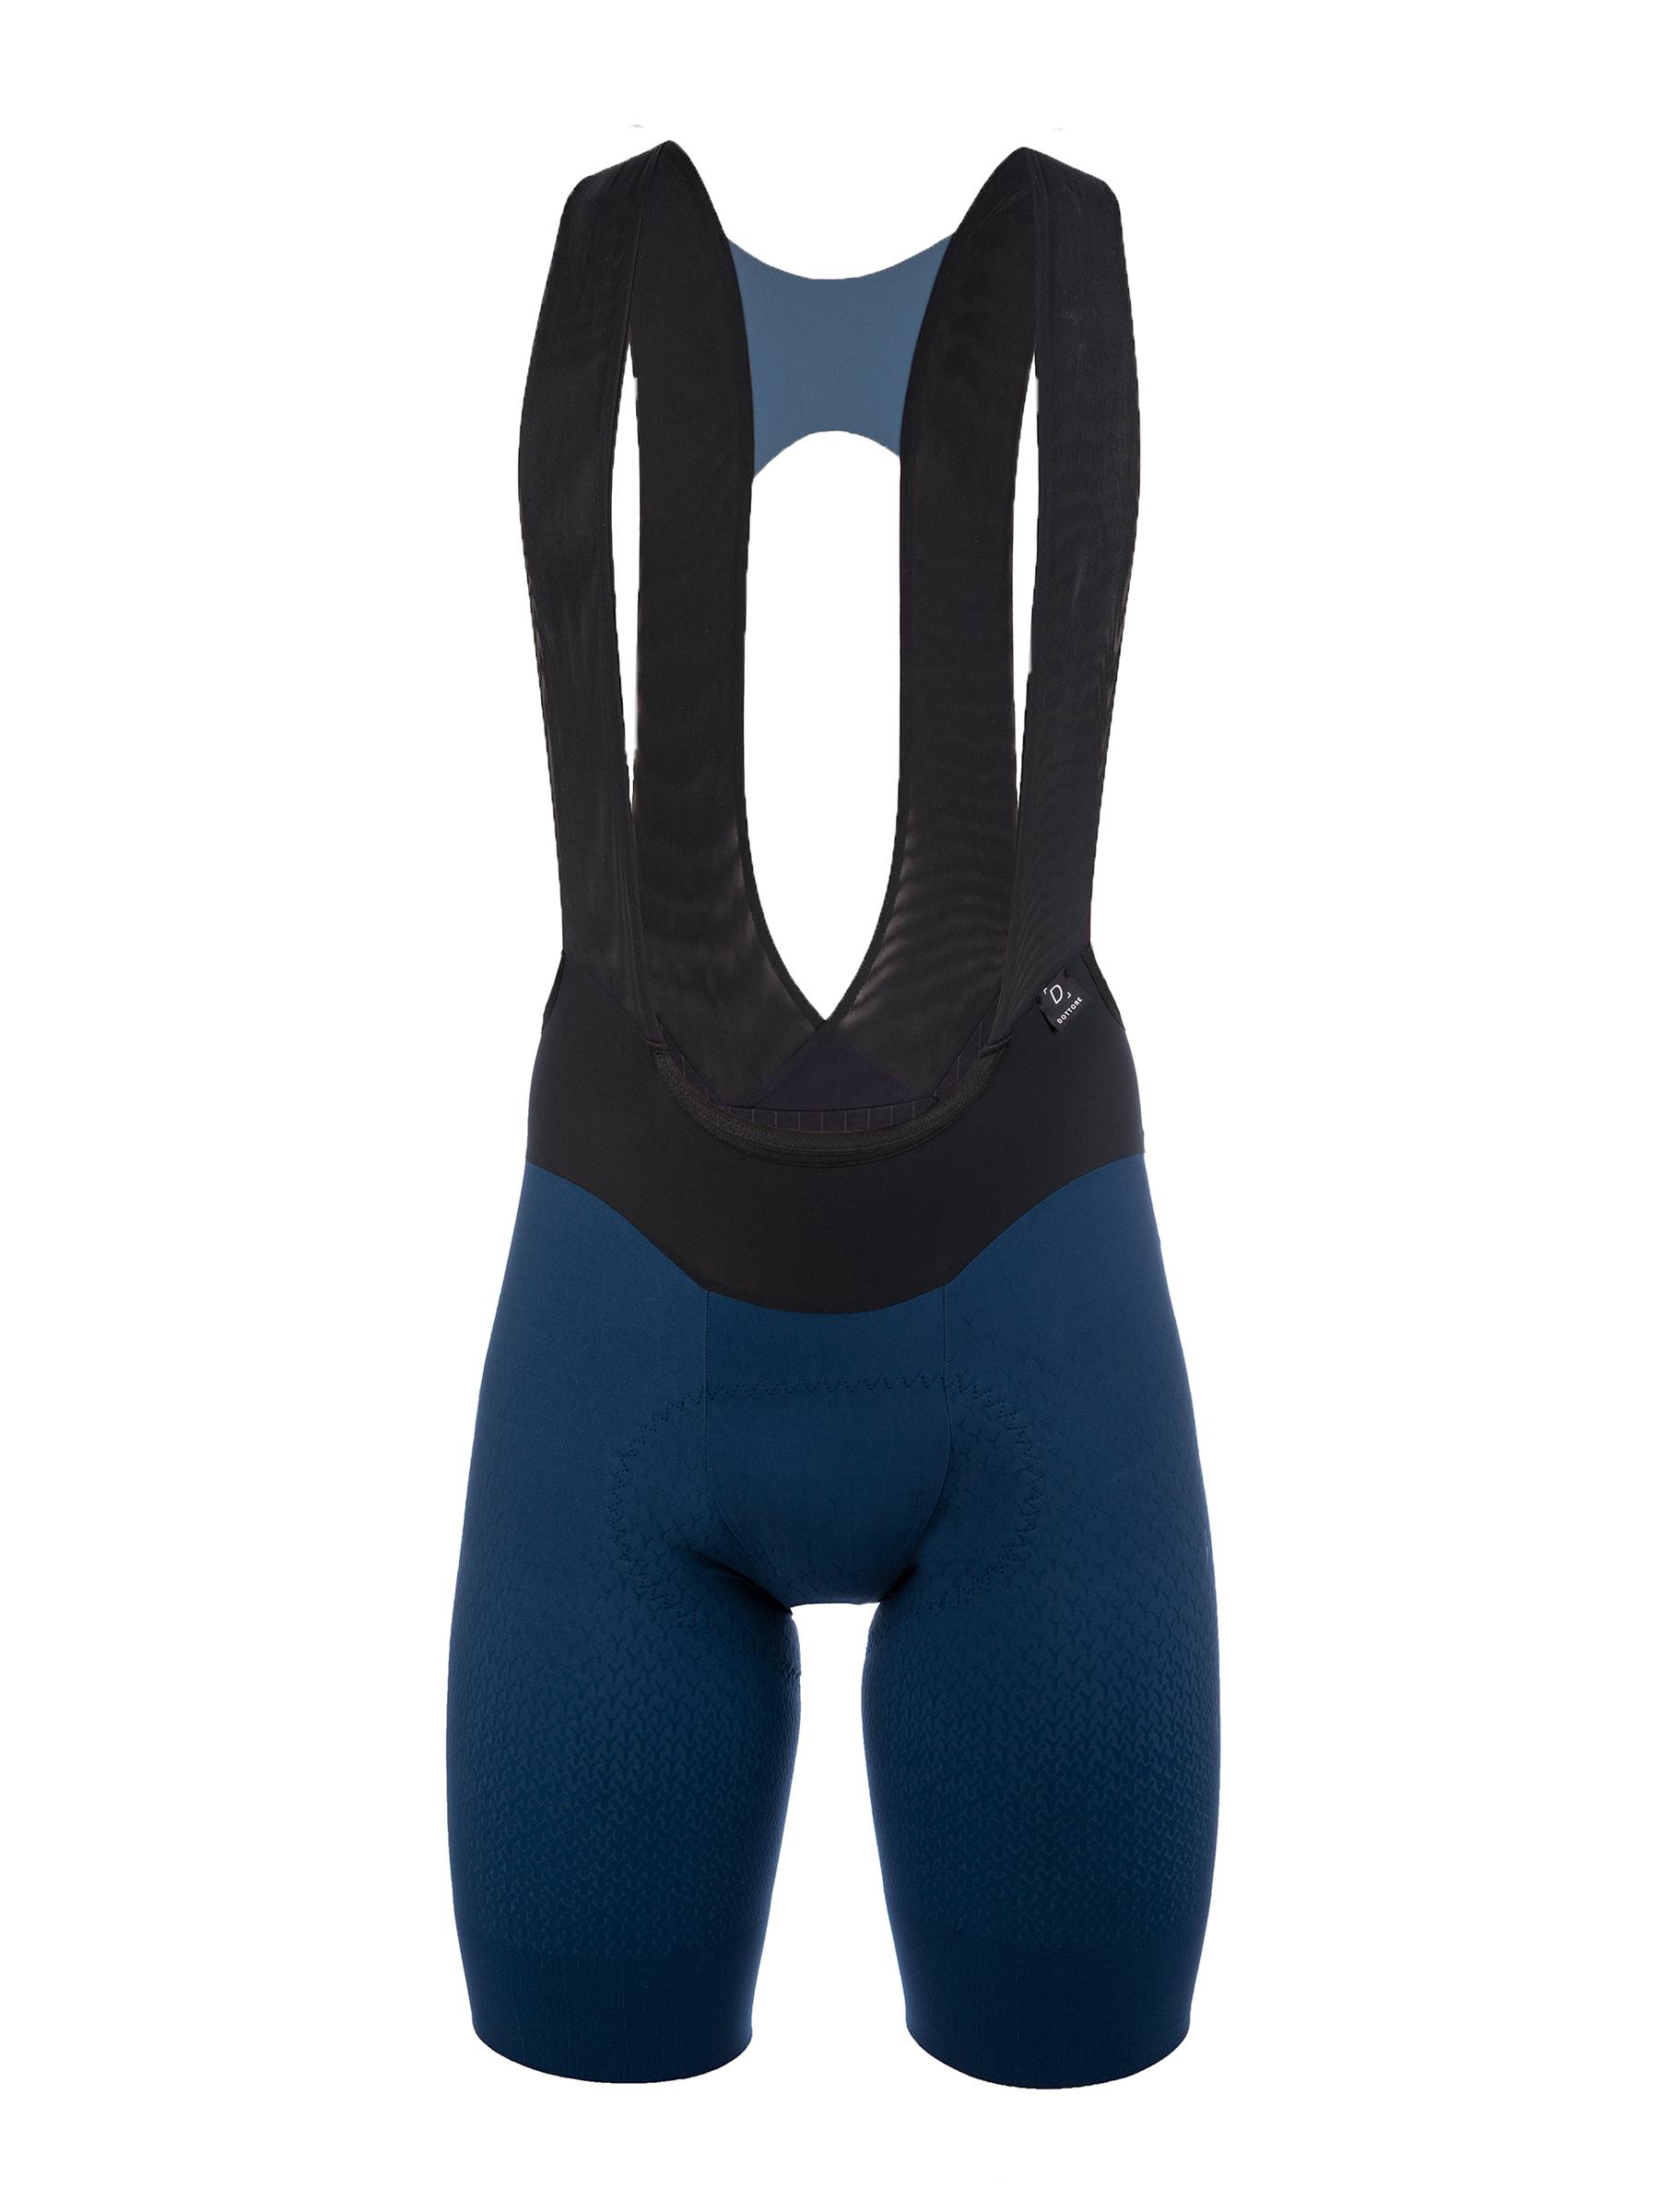 mens cycling bib shorts dottore classic navy blue